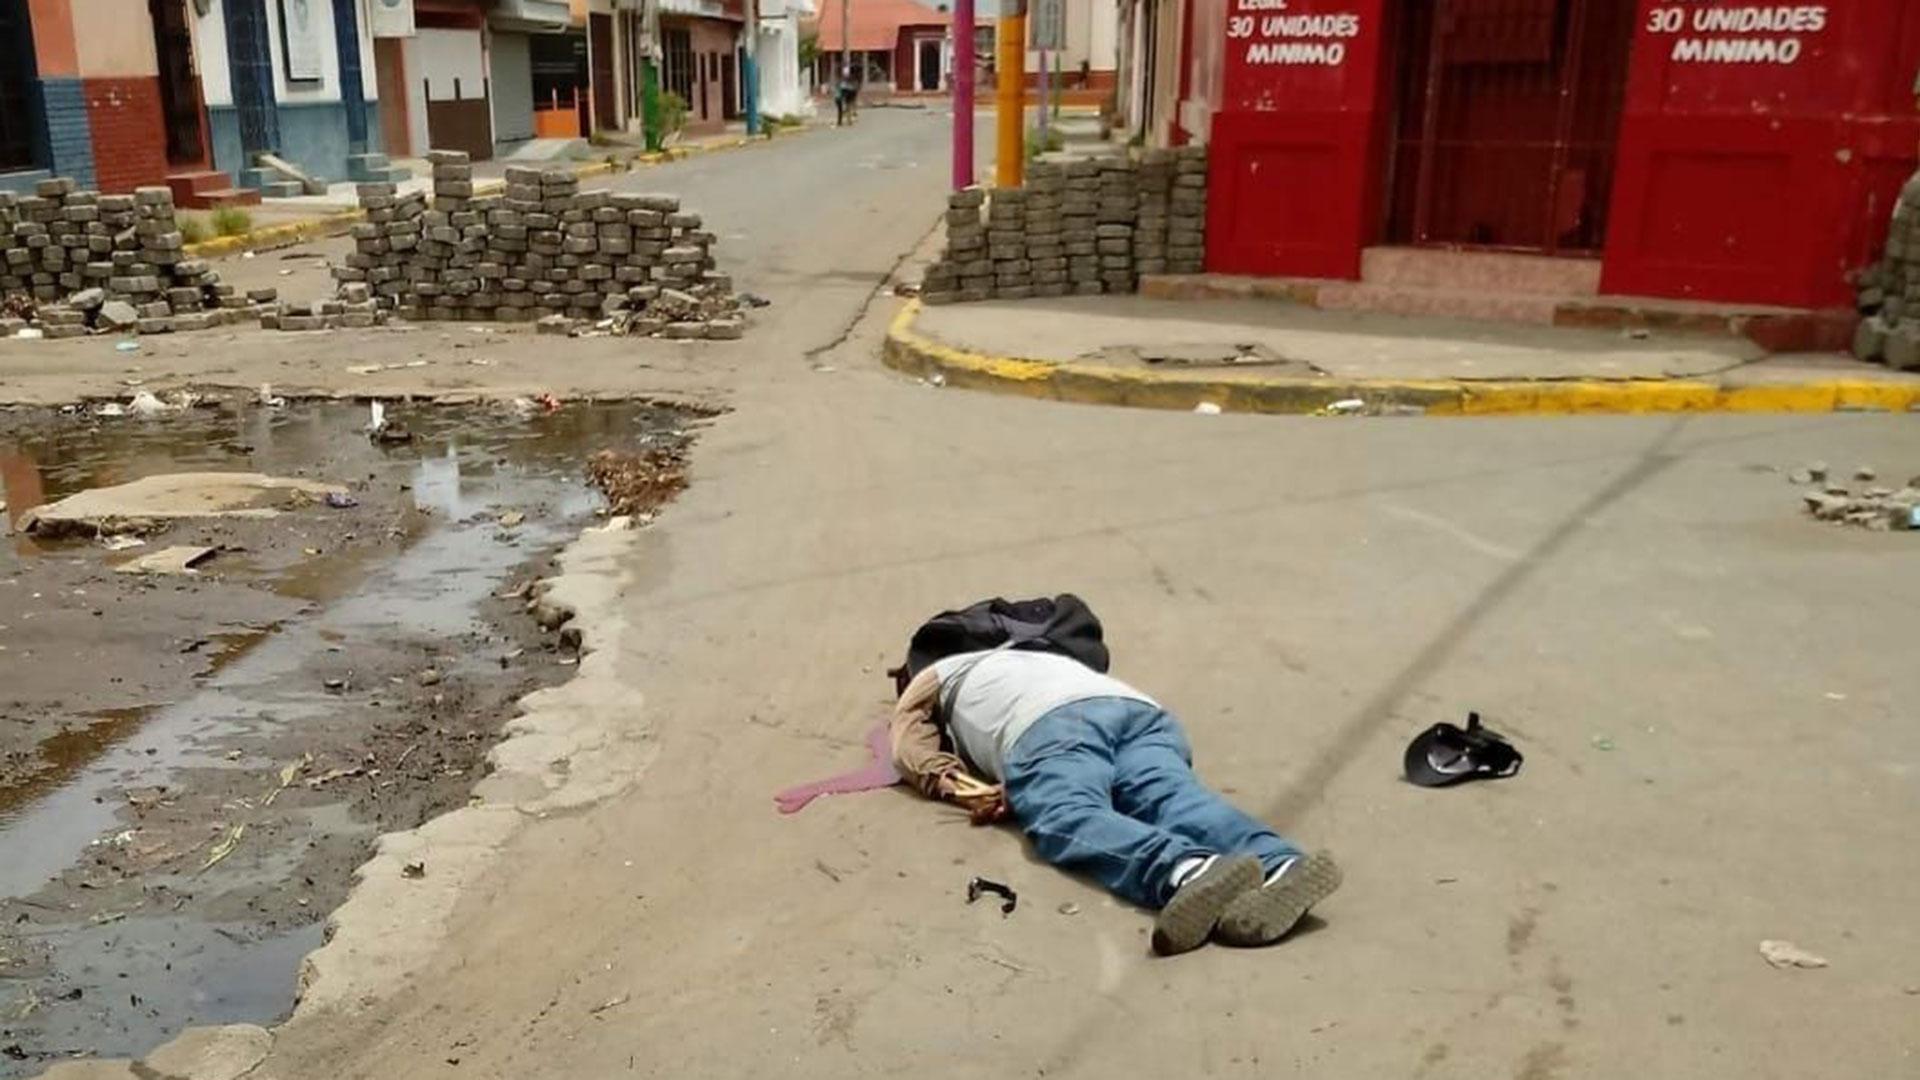 Victima mortal de la represión en Nicaragua. foto: tomada de internet.